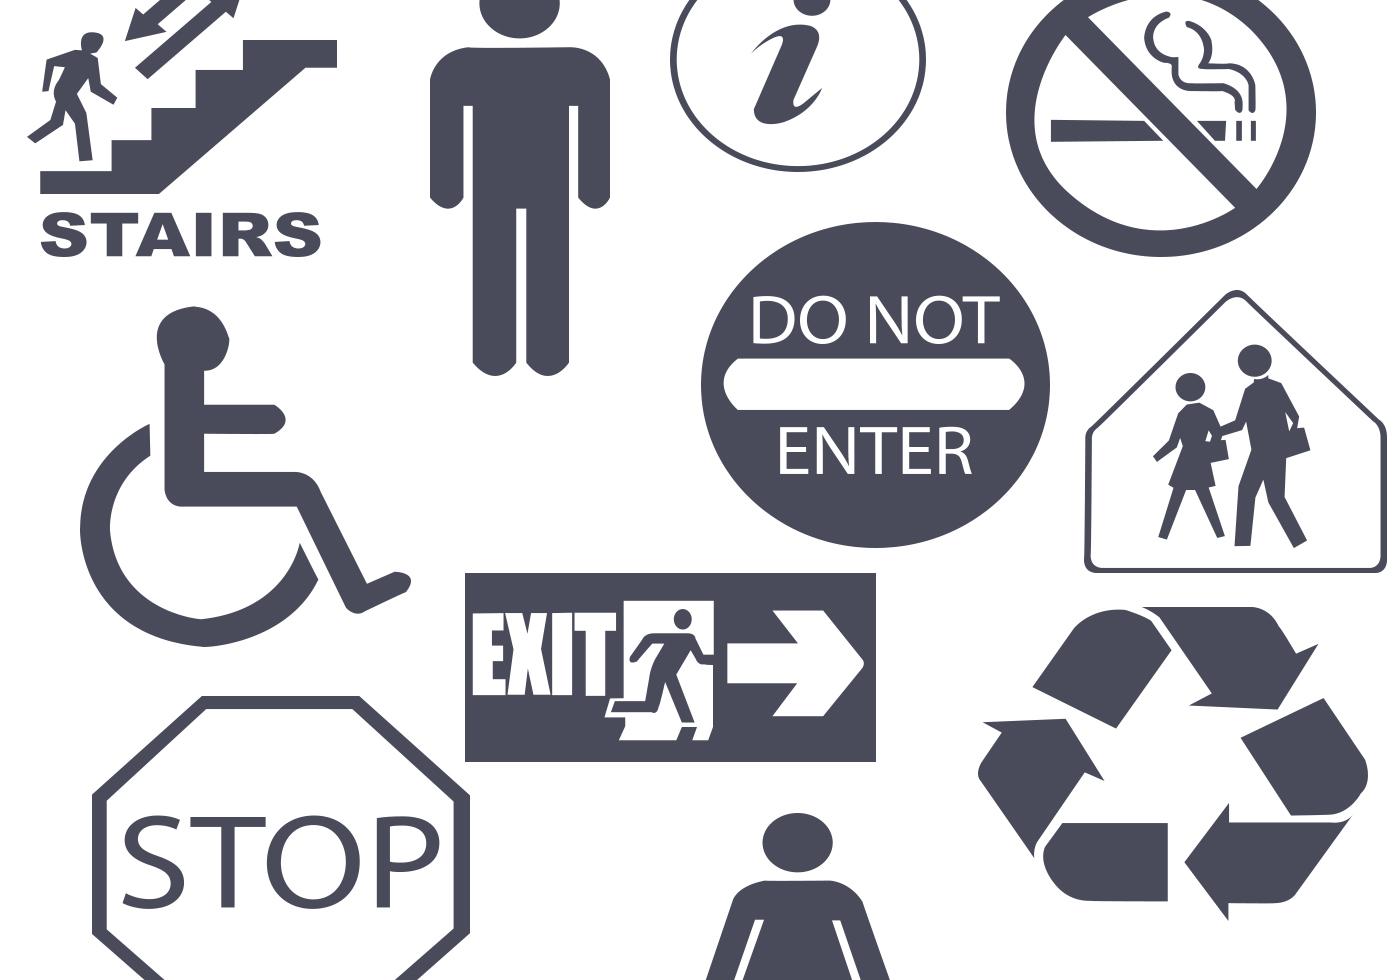 Public-signs-shapes